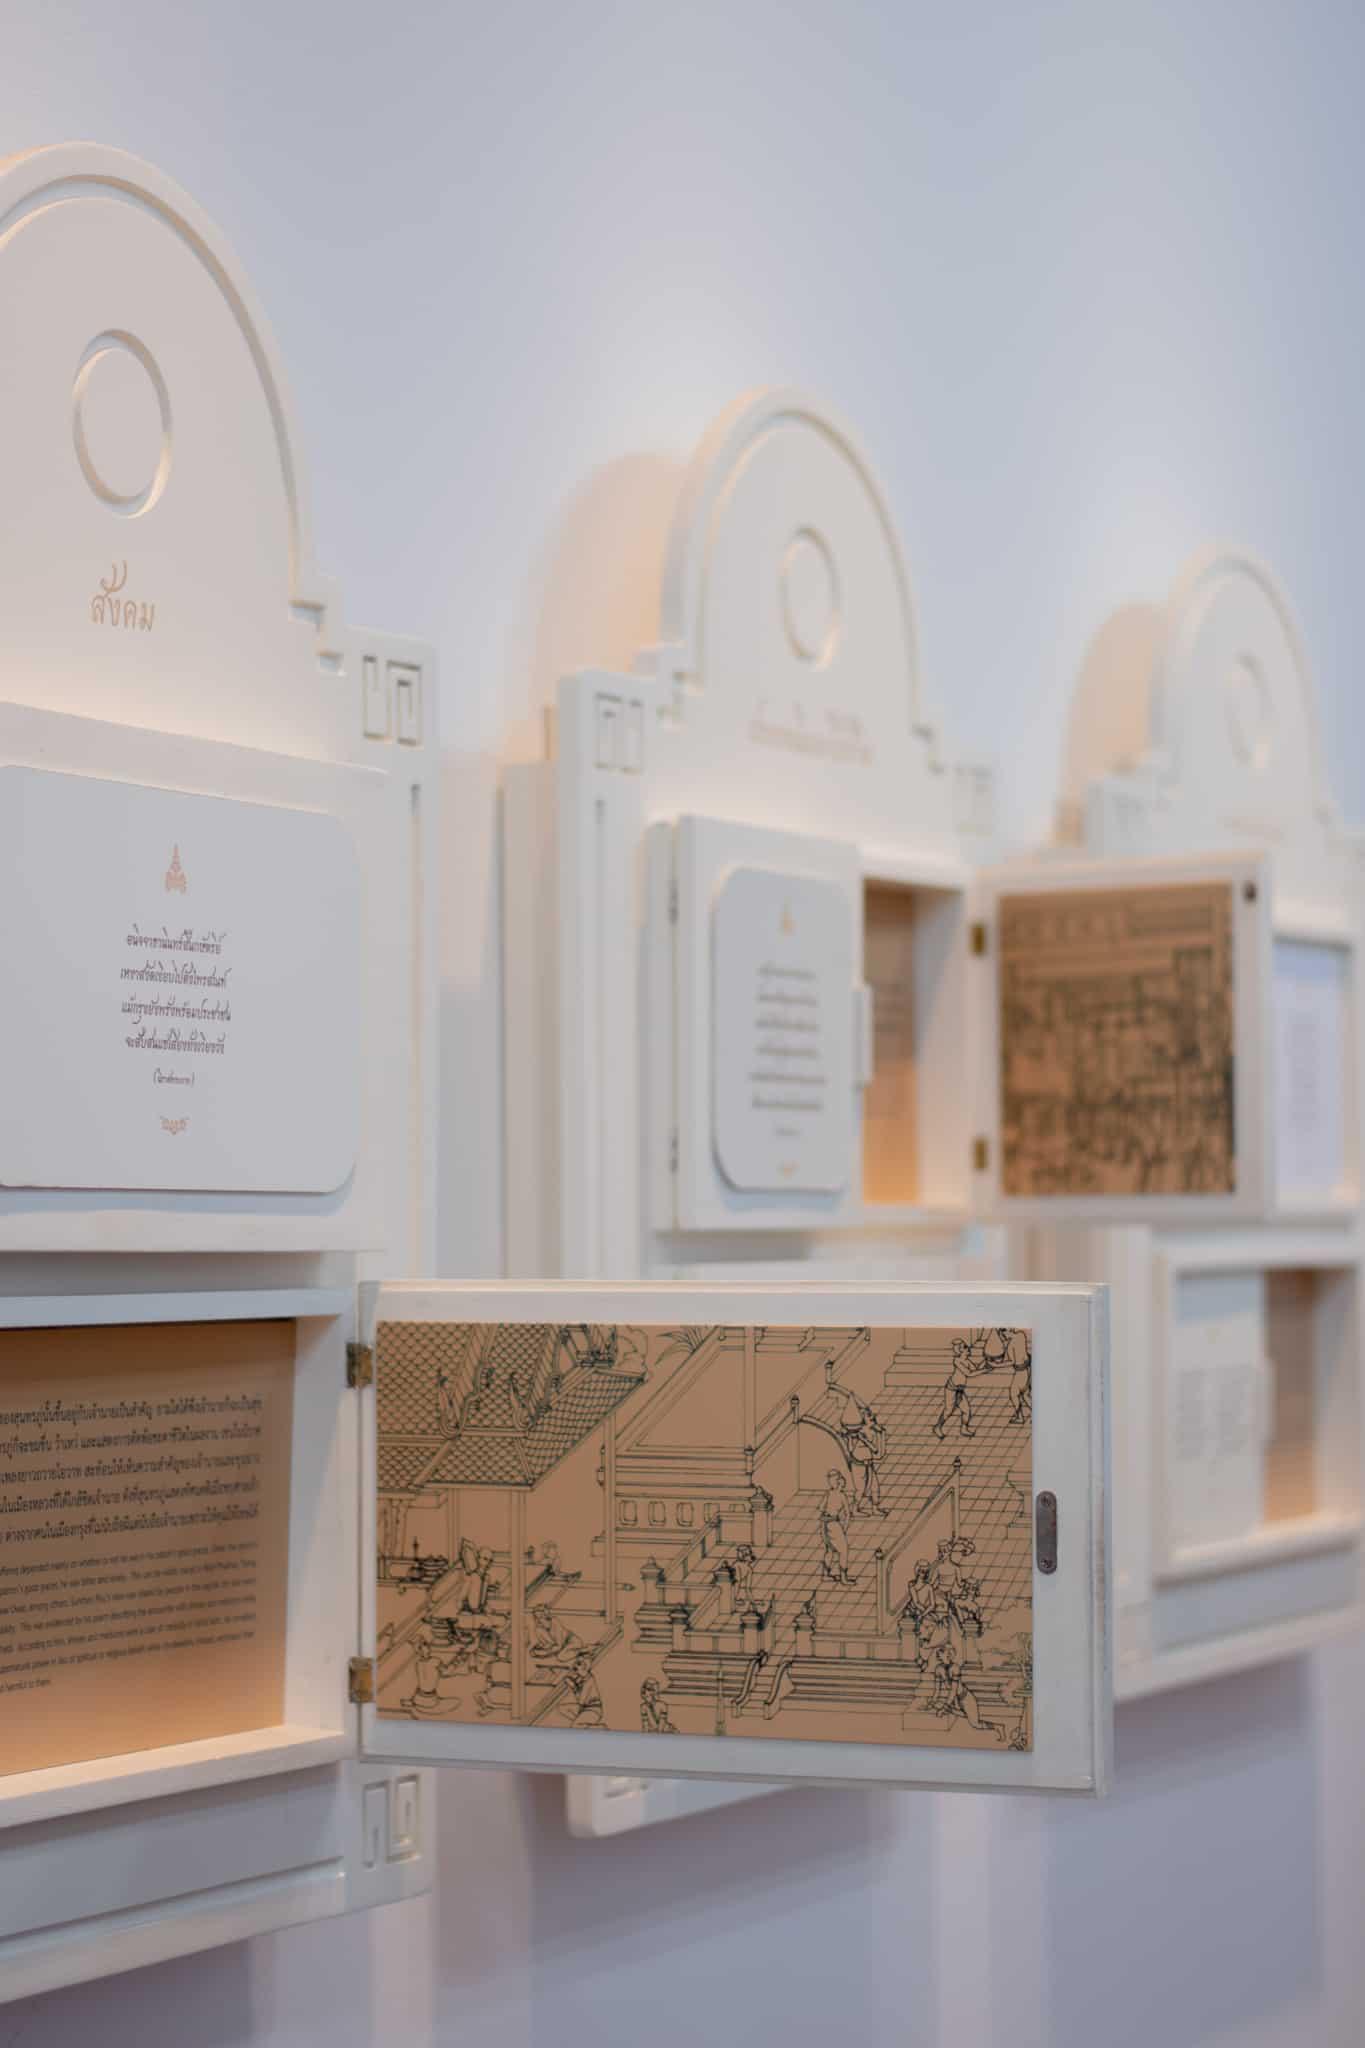 สุนทรภู่ พิพิธภัณฑ์ ประวัติศาสตร์ วิถีชีวิต บทกวี วัดเทพธิดาราม กลอน กวี